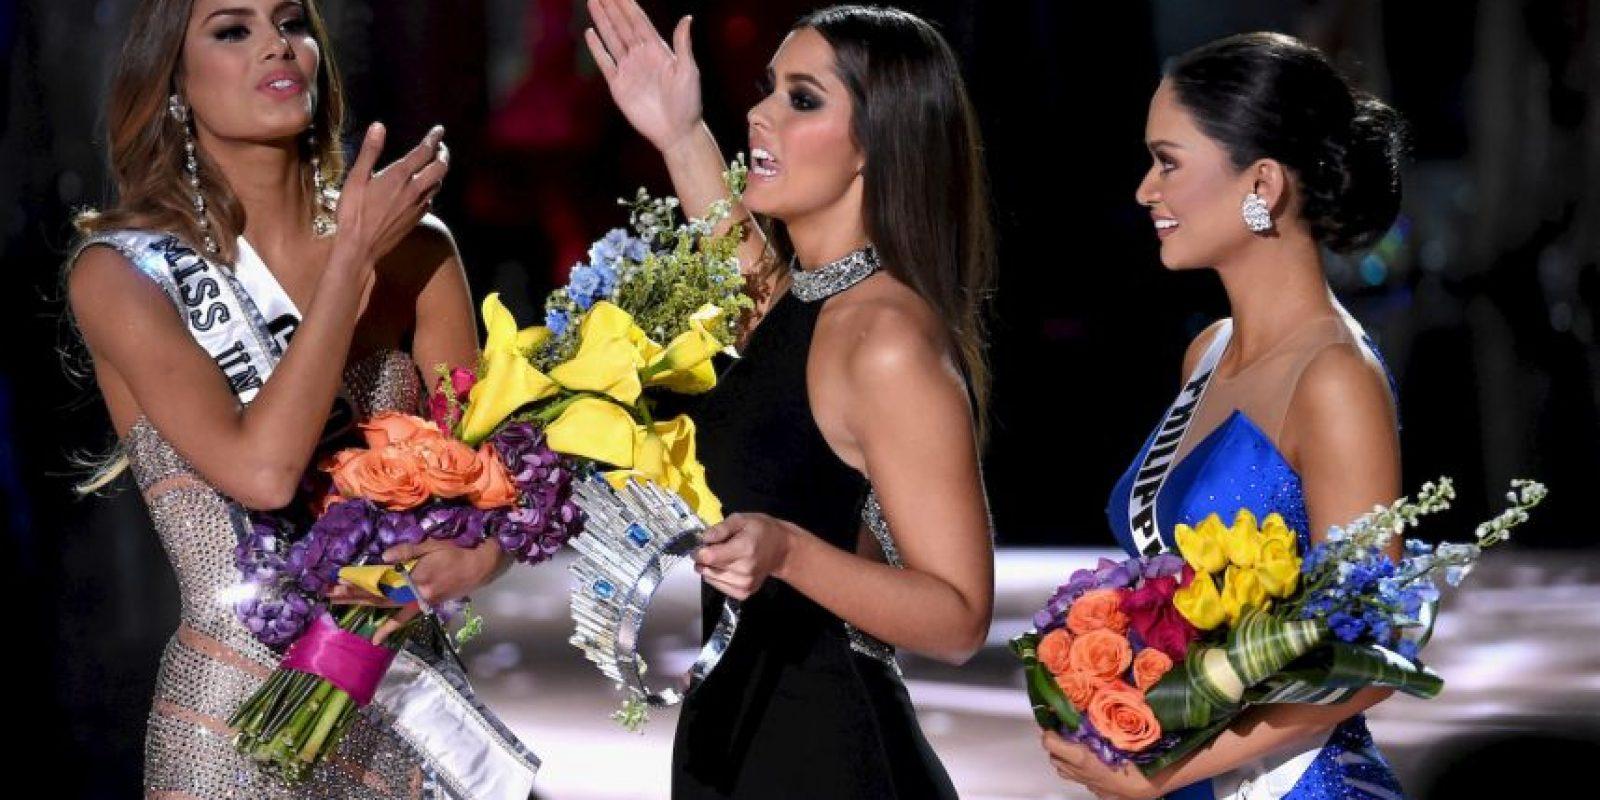 Posteriormente, Paulina Vega regresó al escenario para quitarle la corona a Miss Colombia y entregarla a Miss Filipinas. Foto:Getty Images